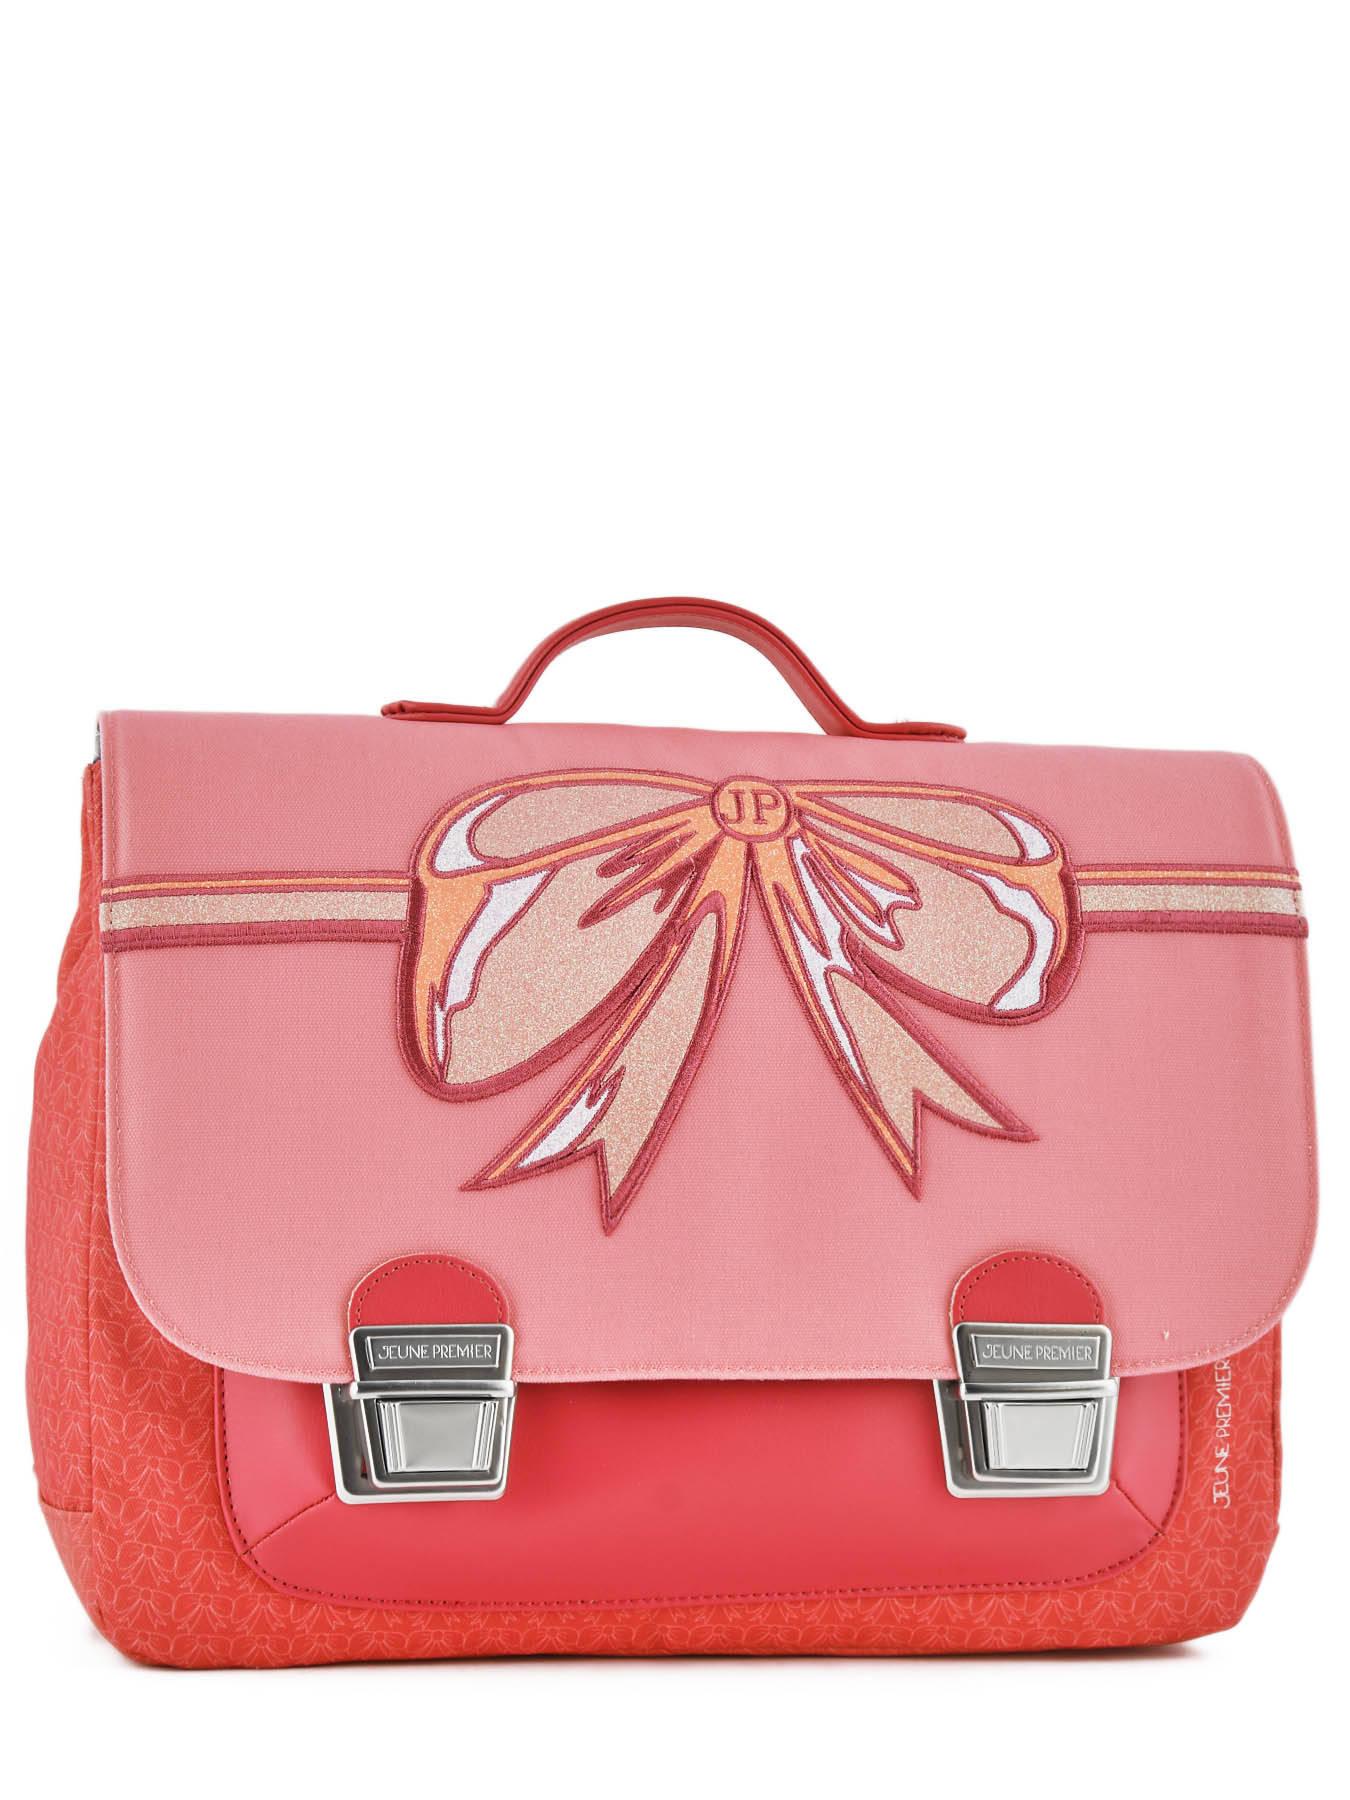 Школьный портфель для девочки Jeune Premier BOW Бант Midi, - фото 2